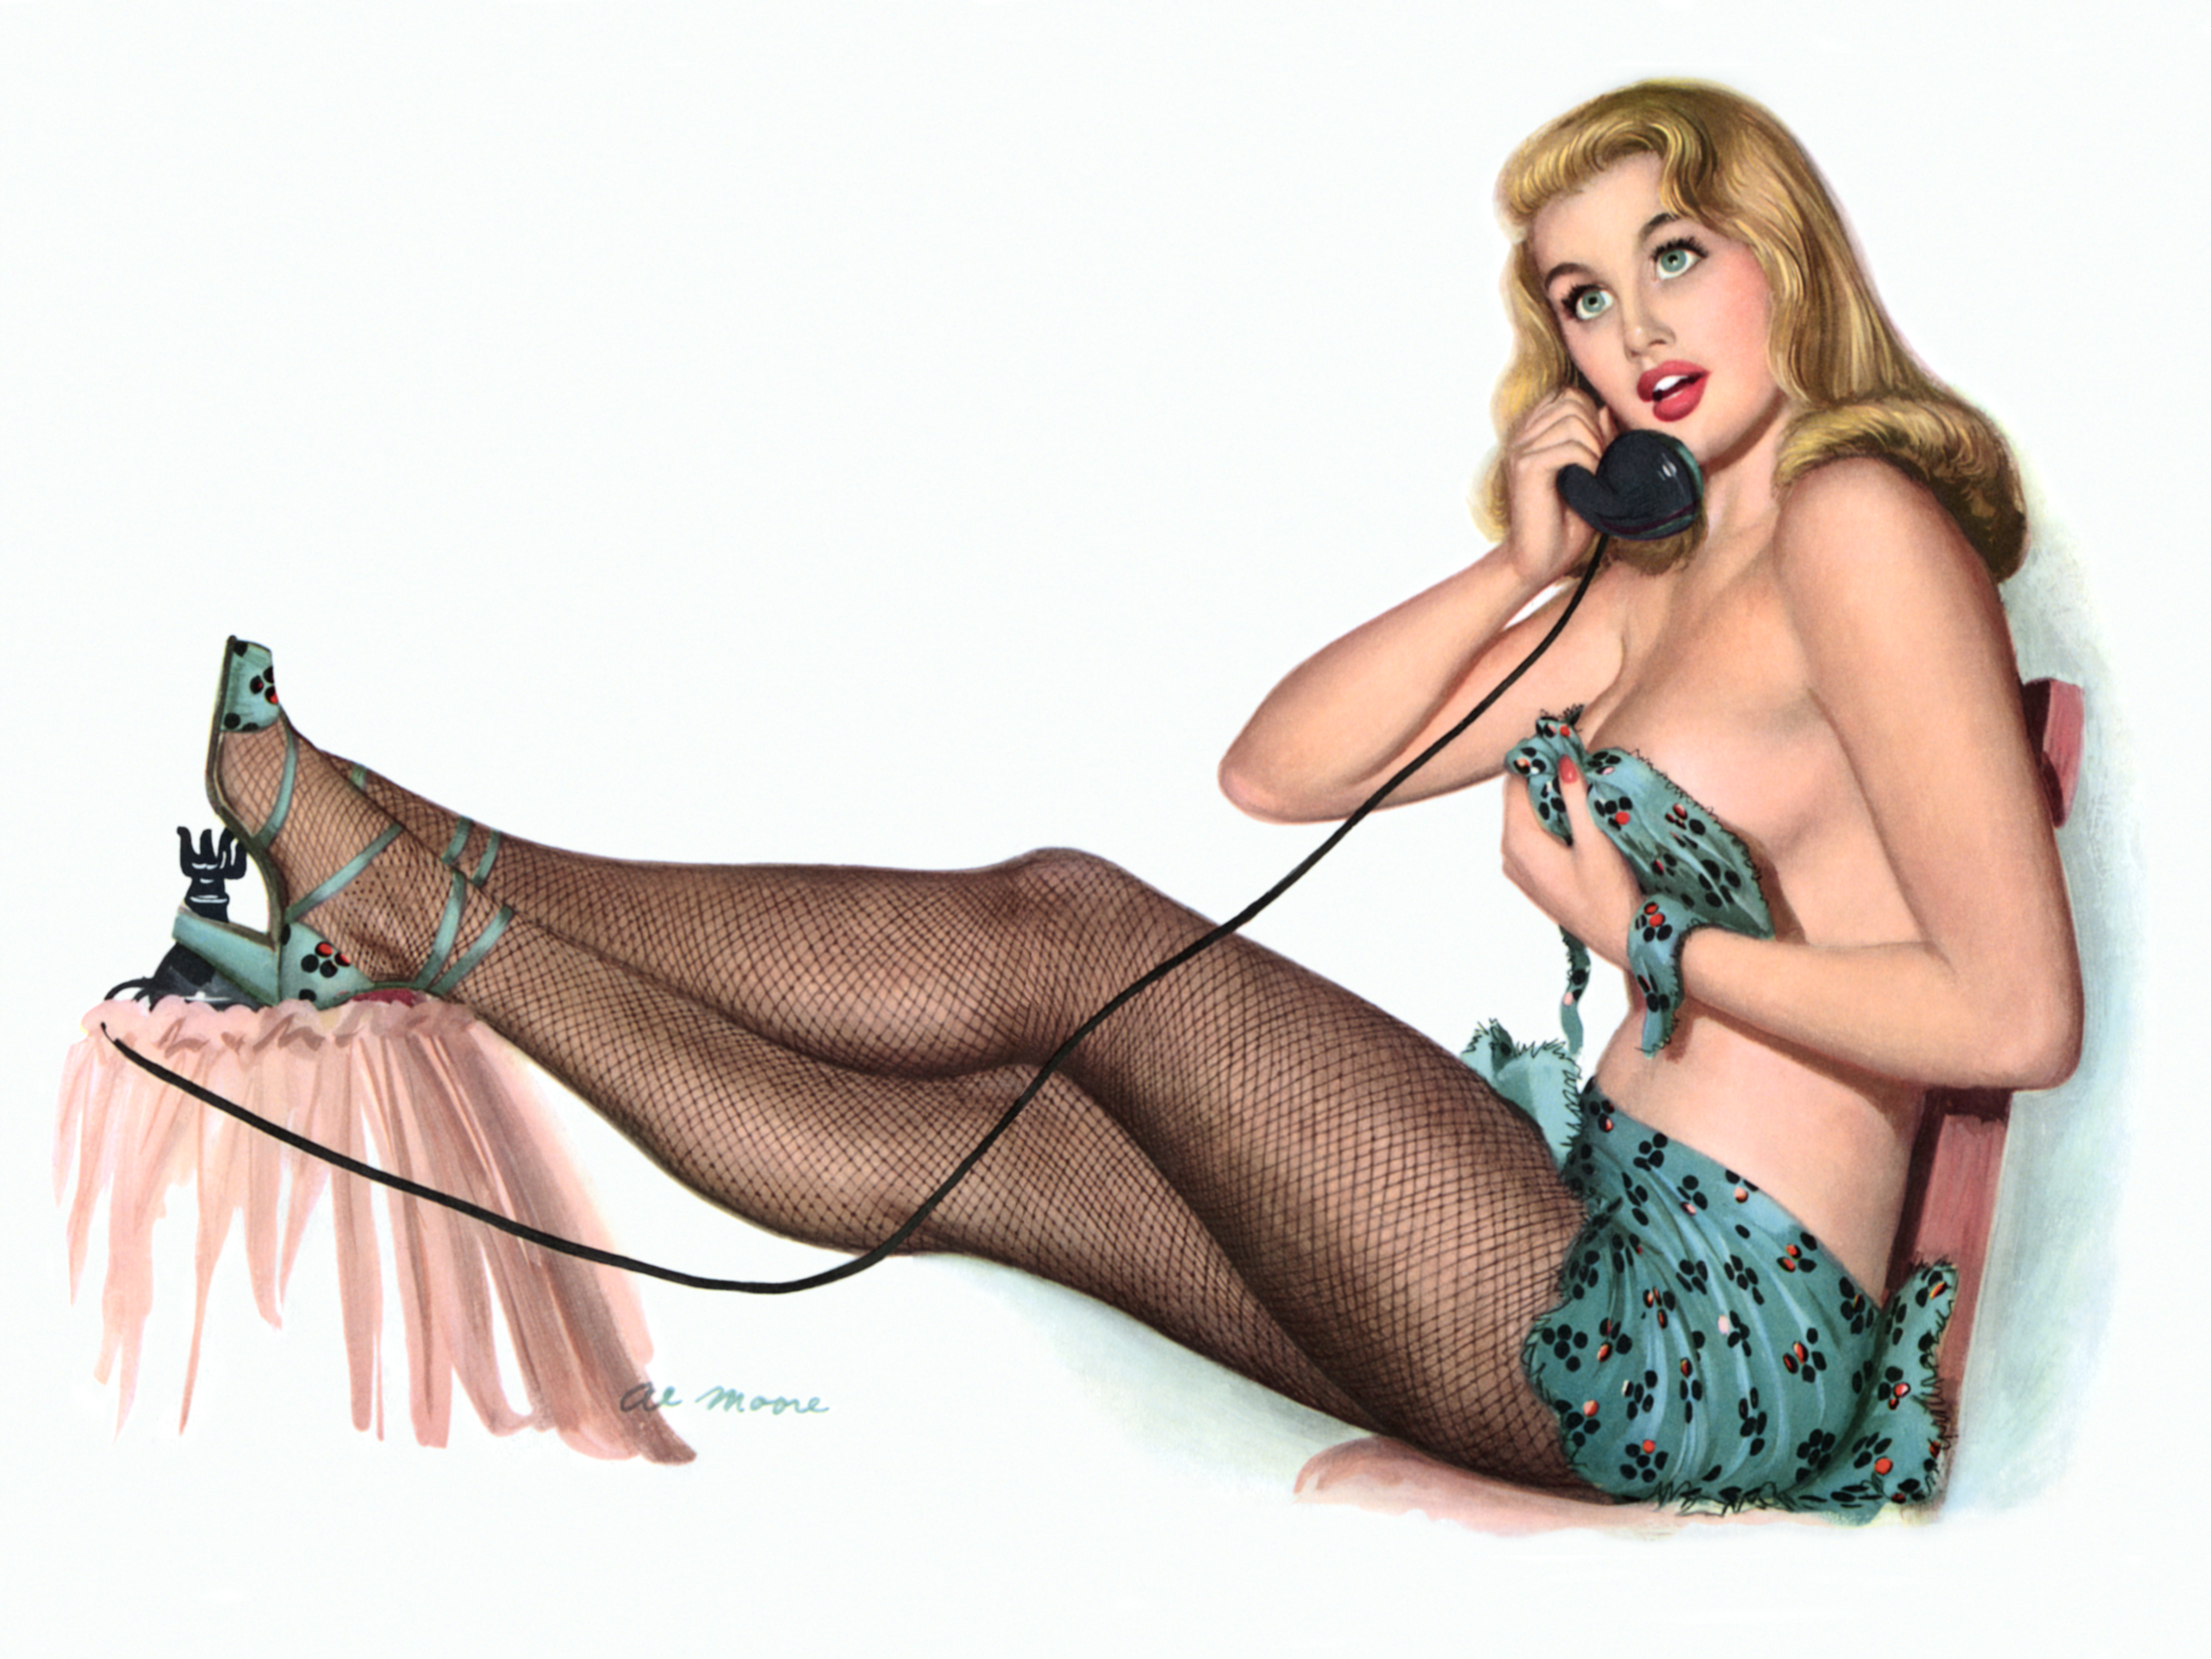 Секс по телефону слушать бесплатно 17 фотография